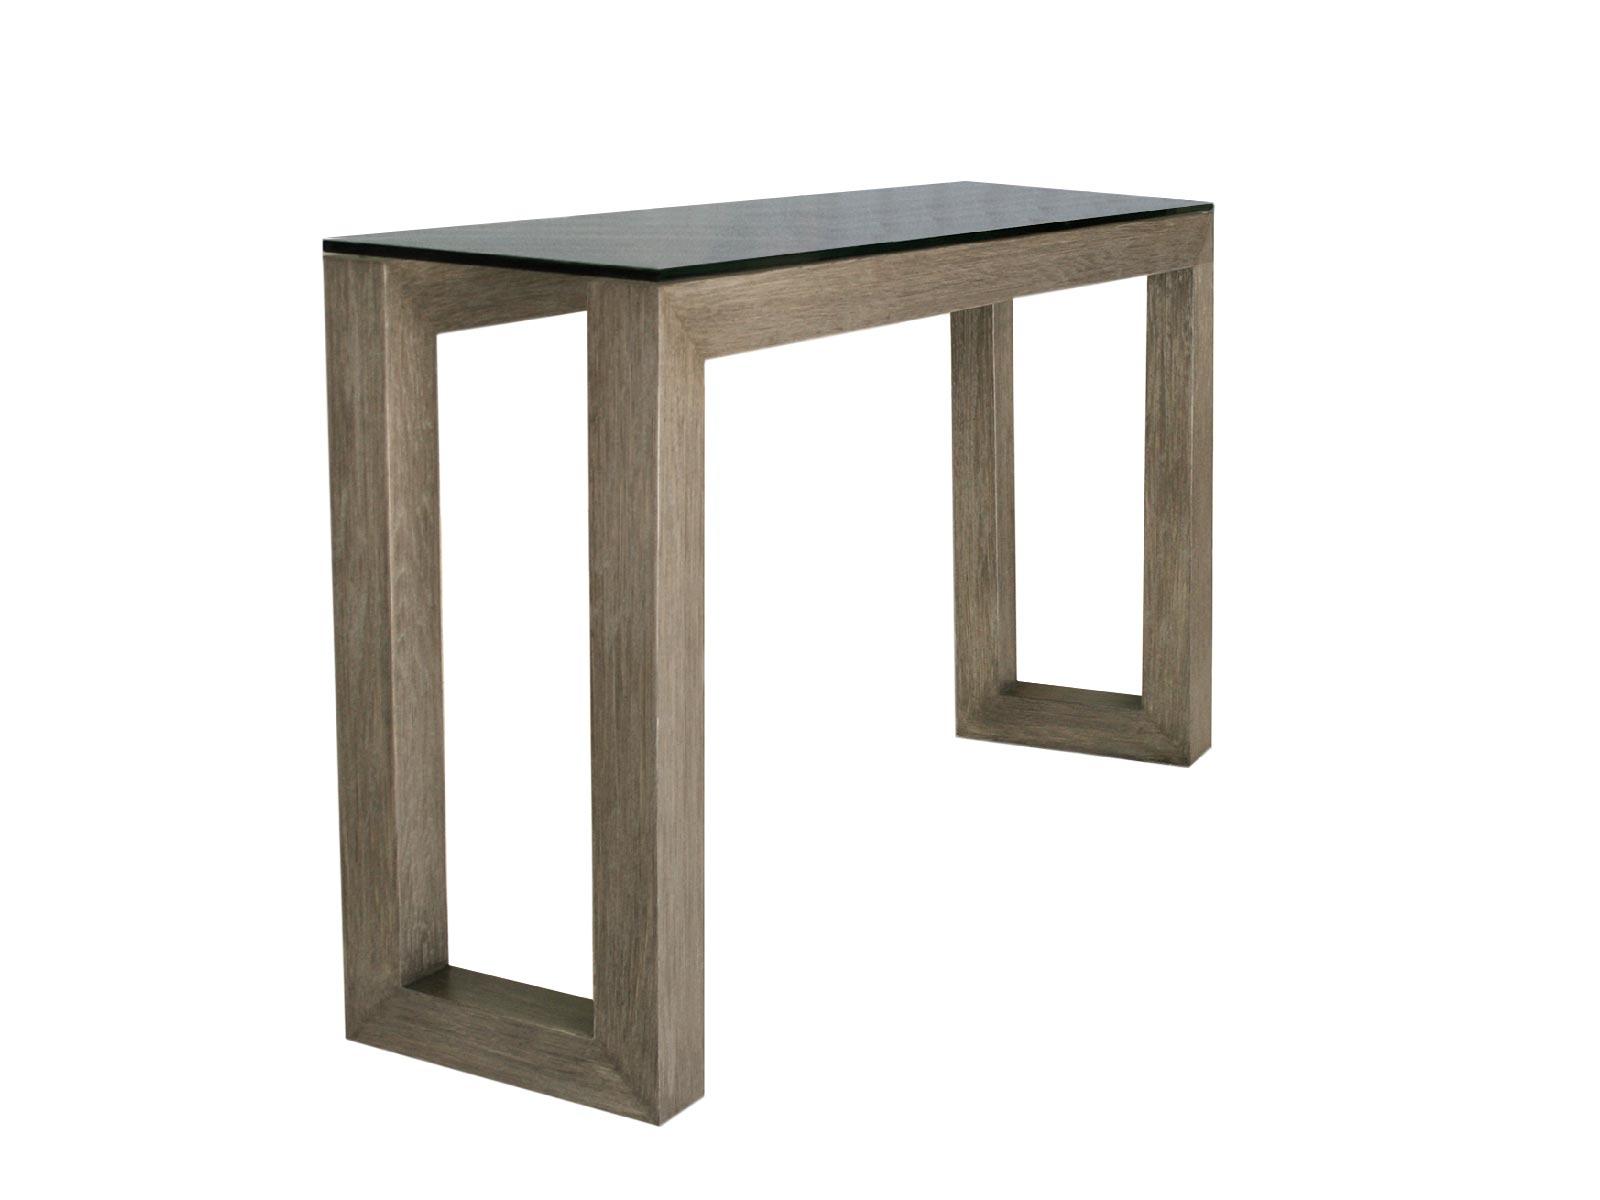 Mesa de sala porto centro y lateral para cristal for Cristal para mesa rectangular